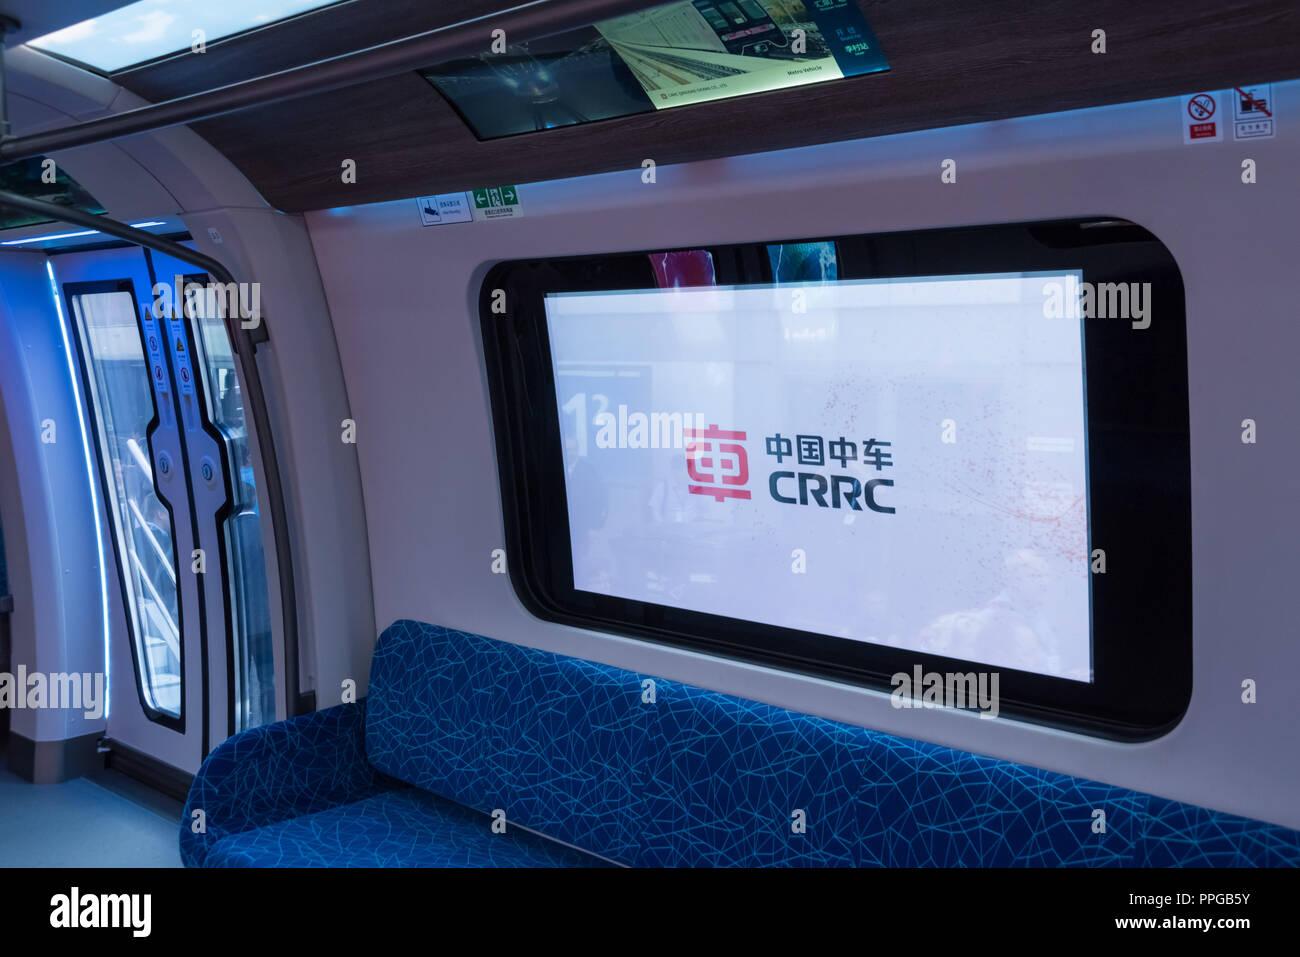 Berlin, Innotrans, Metro von CRRC, Fenster als Bildschirm - Stock Image